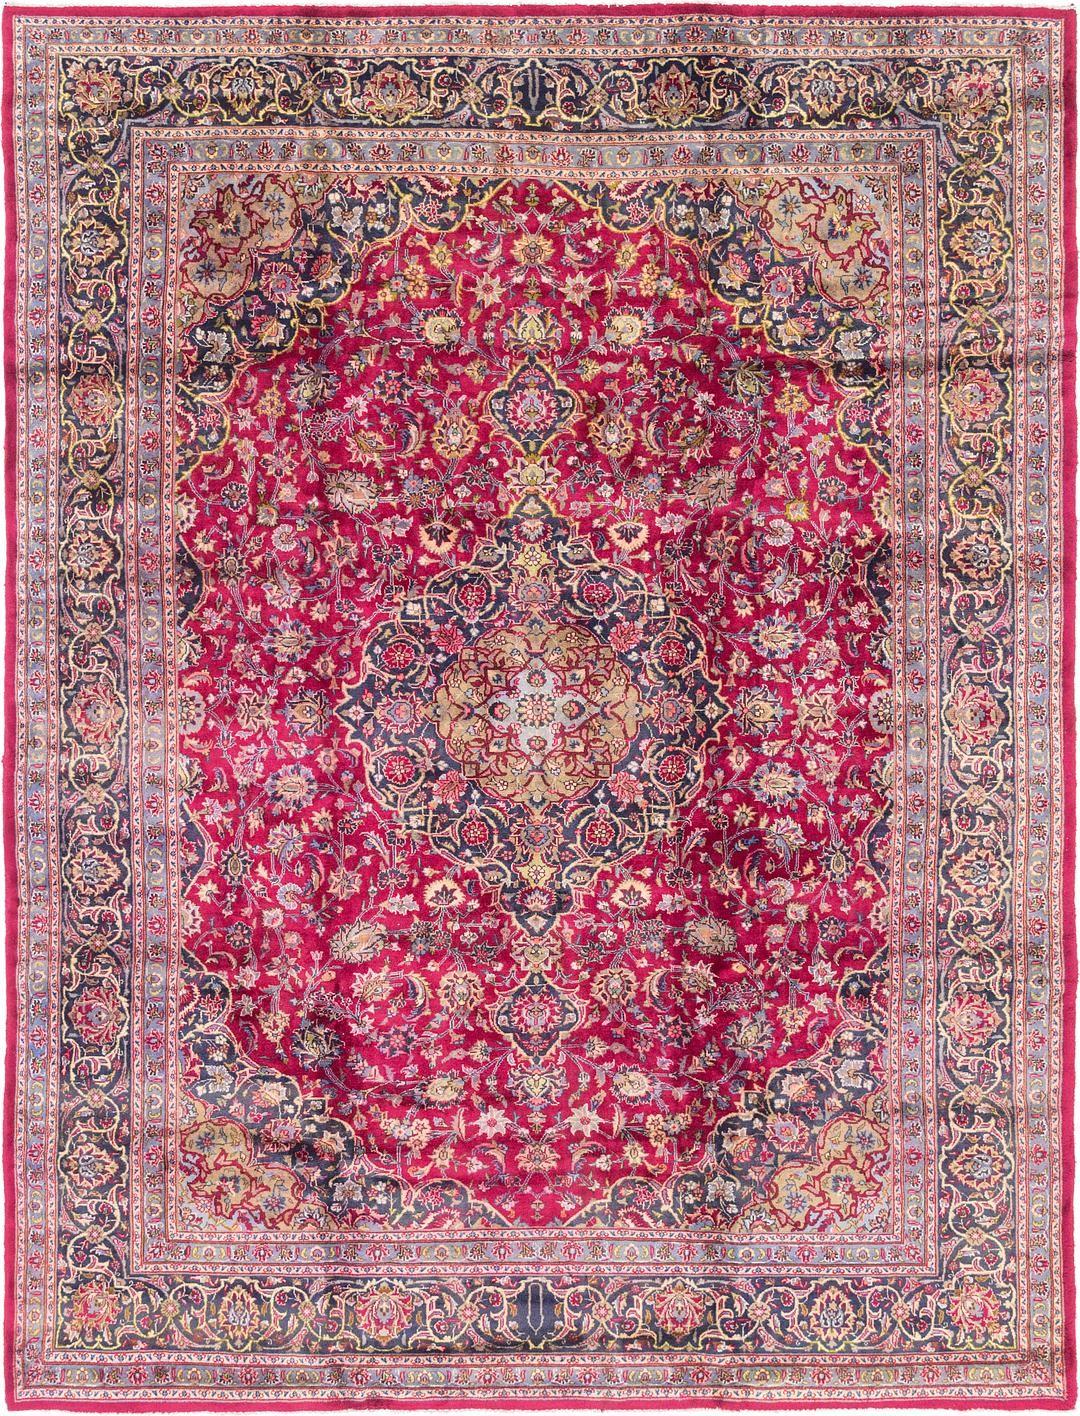 Magenta 9 7 X 12 6 Mashad Persian Rug Persian Rugs Esalerugs Persian Rug Rugs Carpet Runner